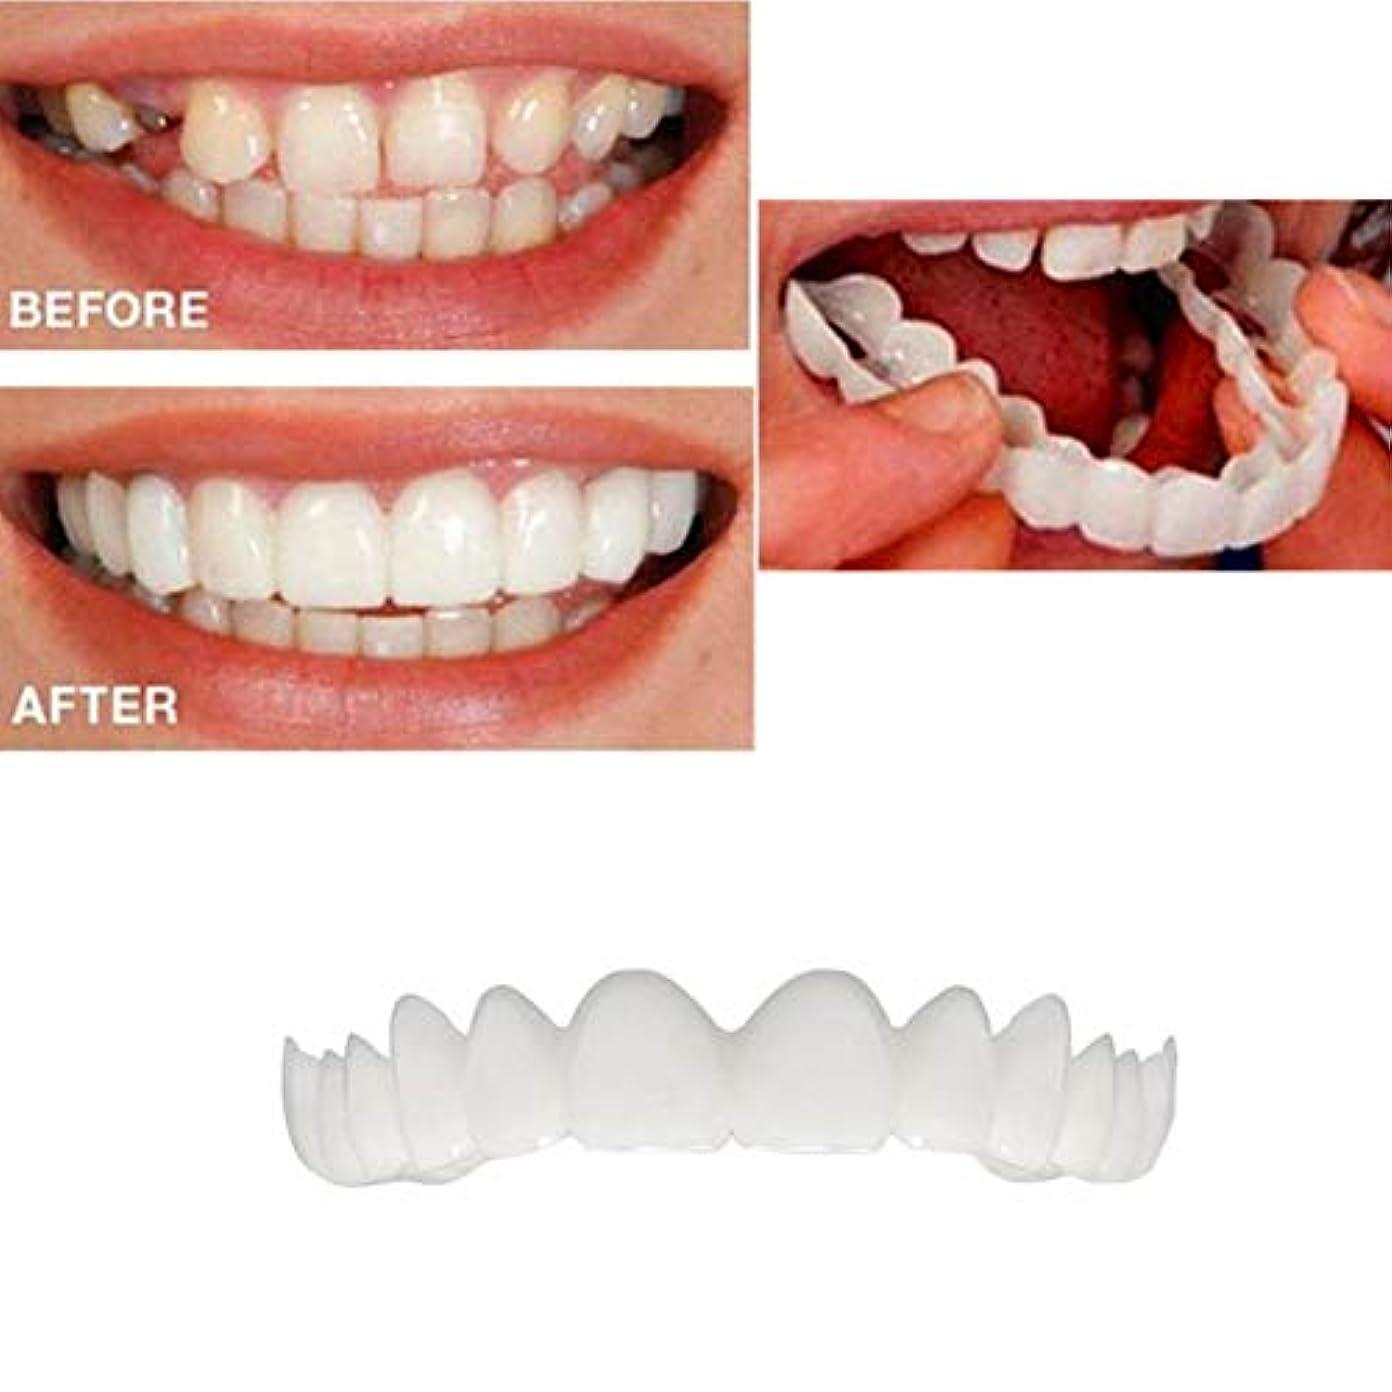 紳士一般的に変化するインスタント快適で柔らかい完璧なベニヤの歯スナップキャップを白くする一時的な化粧品歯義歯歯の化粧品シミュレーション上袖/下括弧の5枚,Upperteeth5pcs